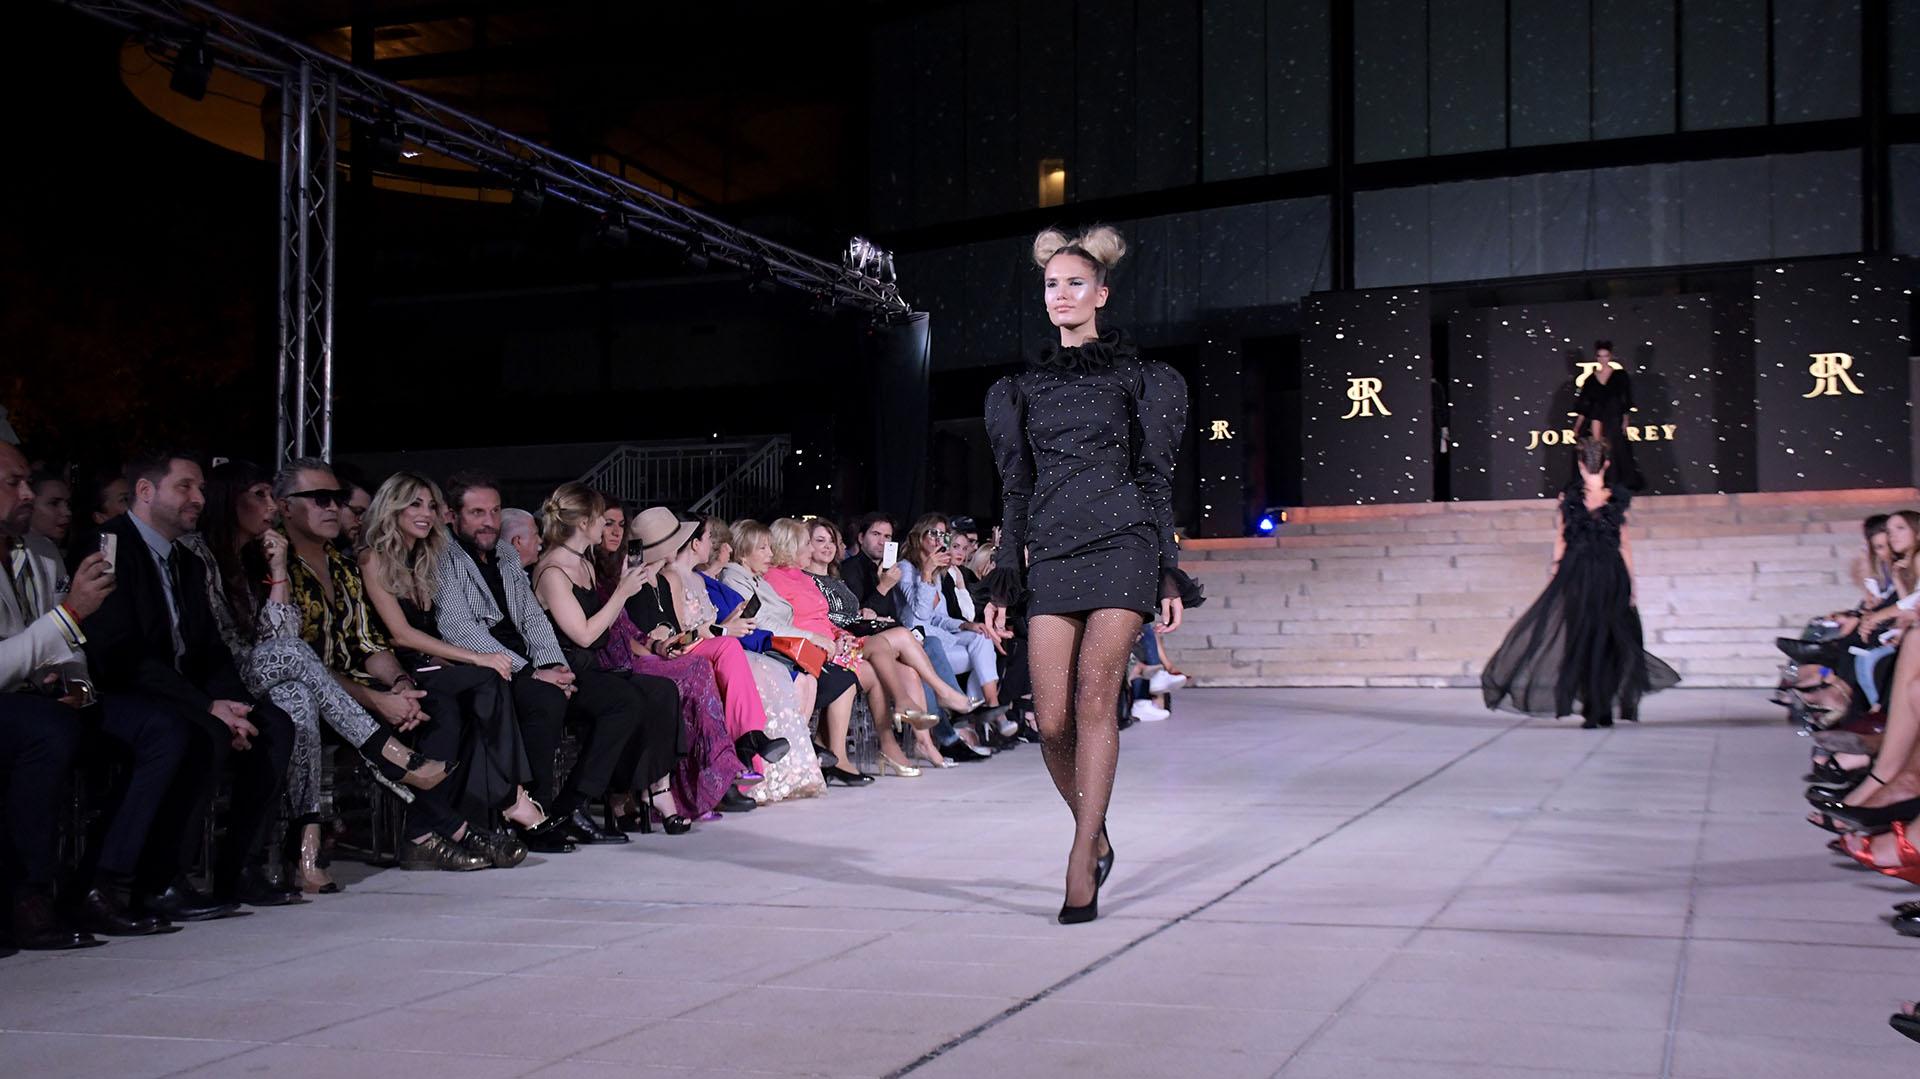 En pasarela, Eva Bargiela. Con un diseño armado, con hombros abullonados y cuello cisne, el diseño de rey tenía destellos de brillantes